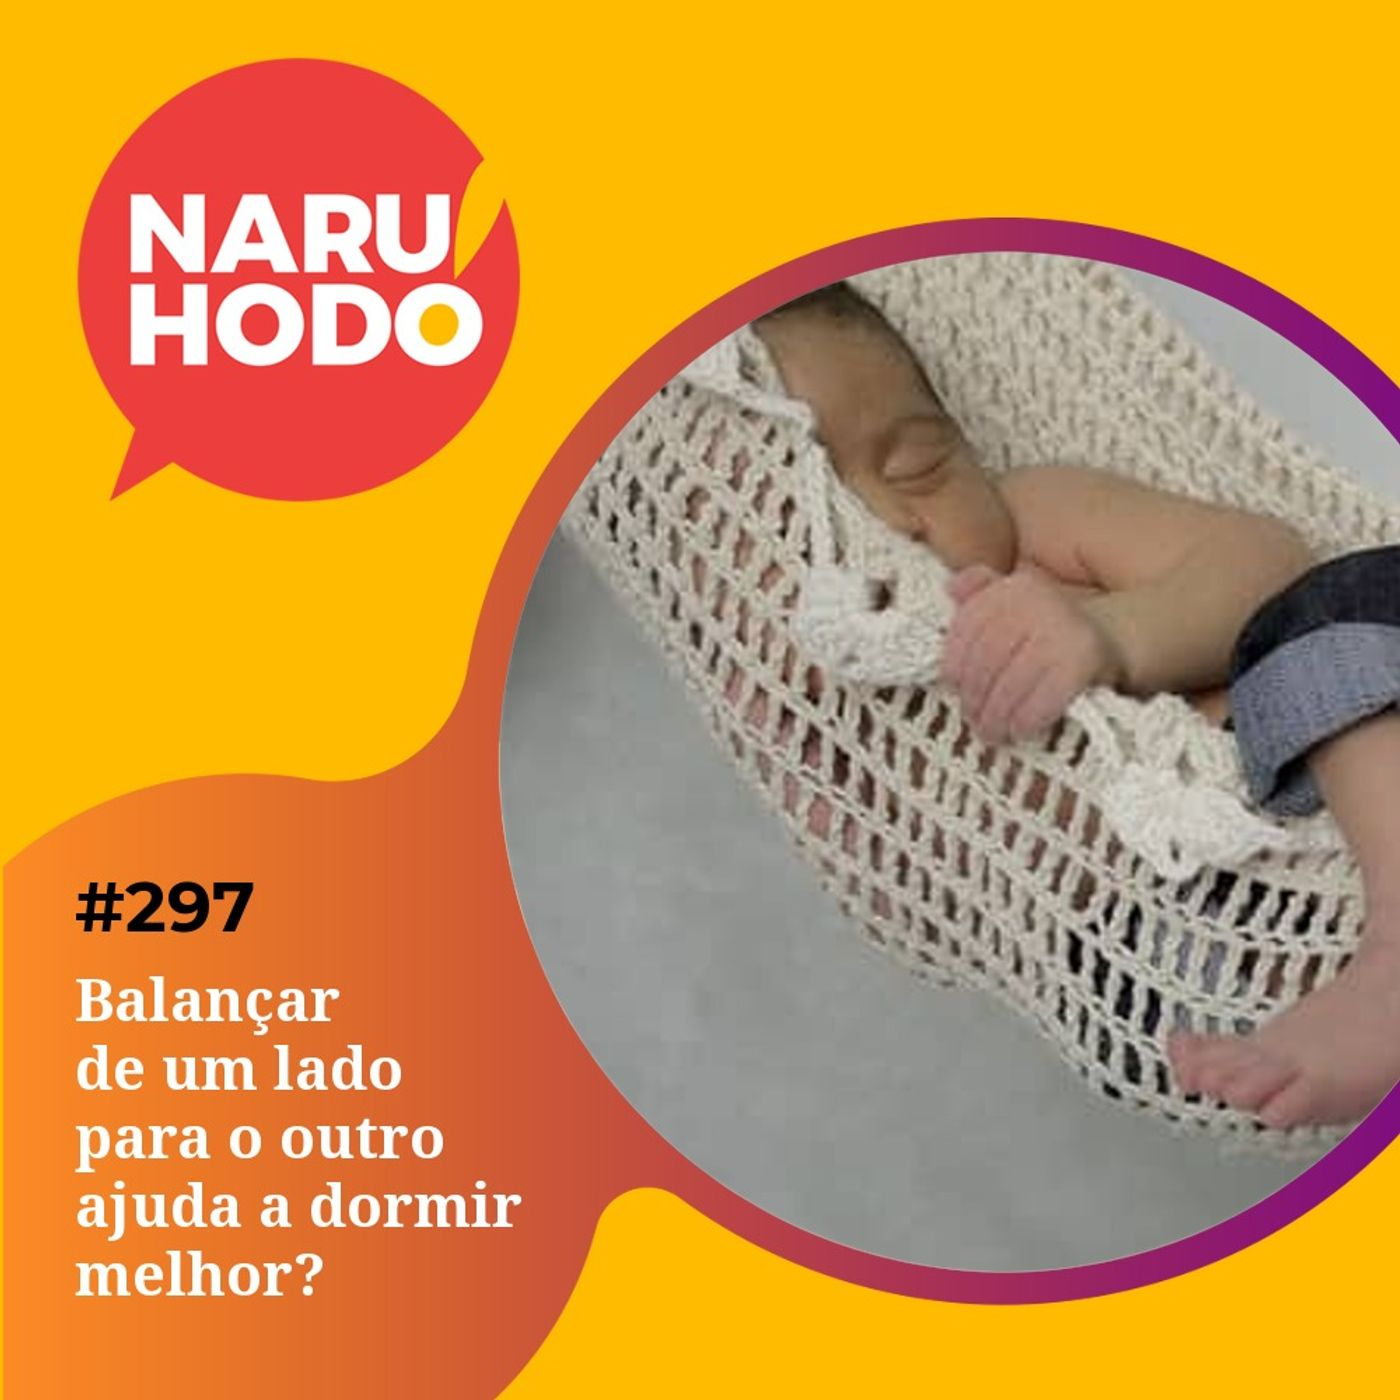 Naruhodo #297 - Balançar de um lado para o outro ajuda a dormir melhor?